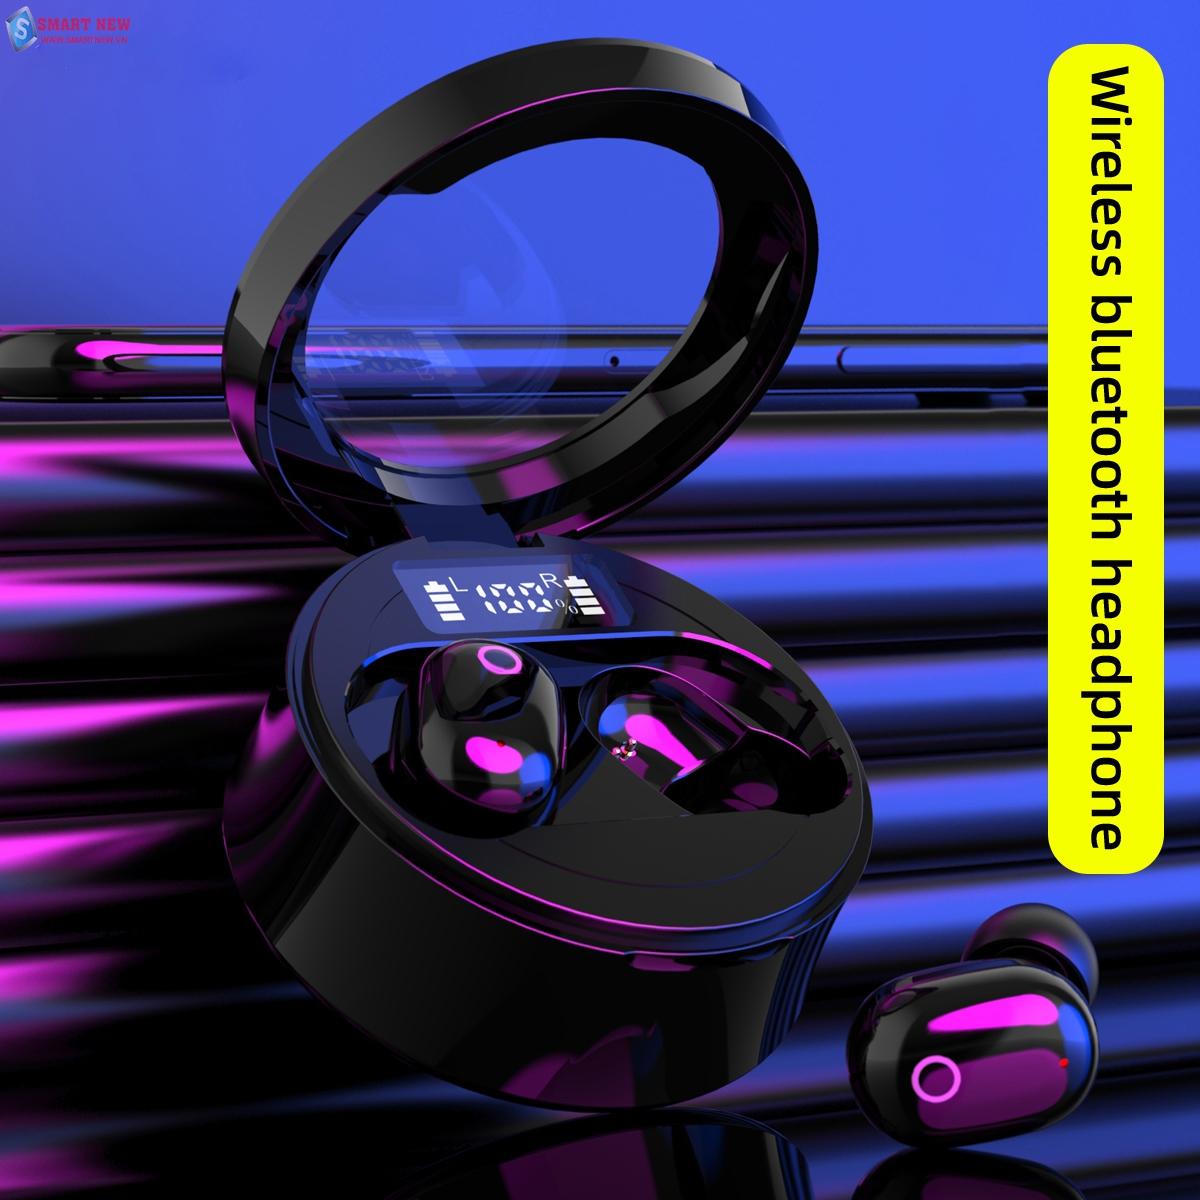 Tai nghe không dây giá rẻ Magicsee R11